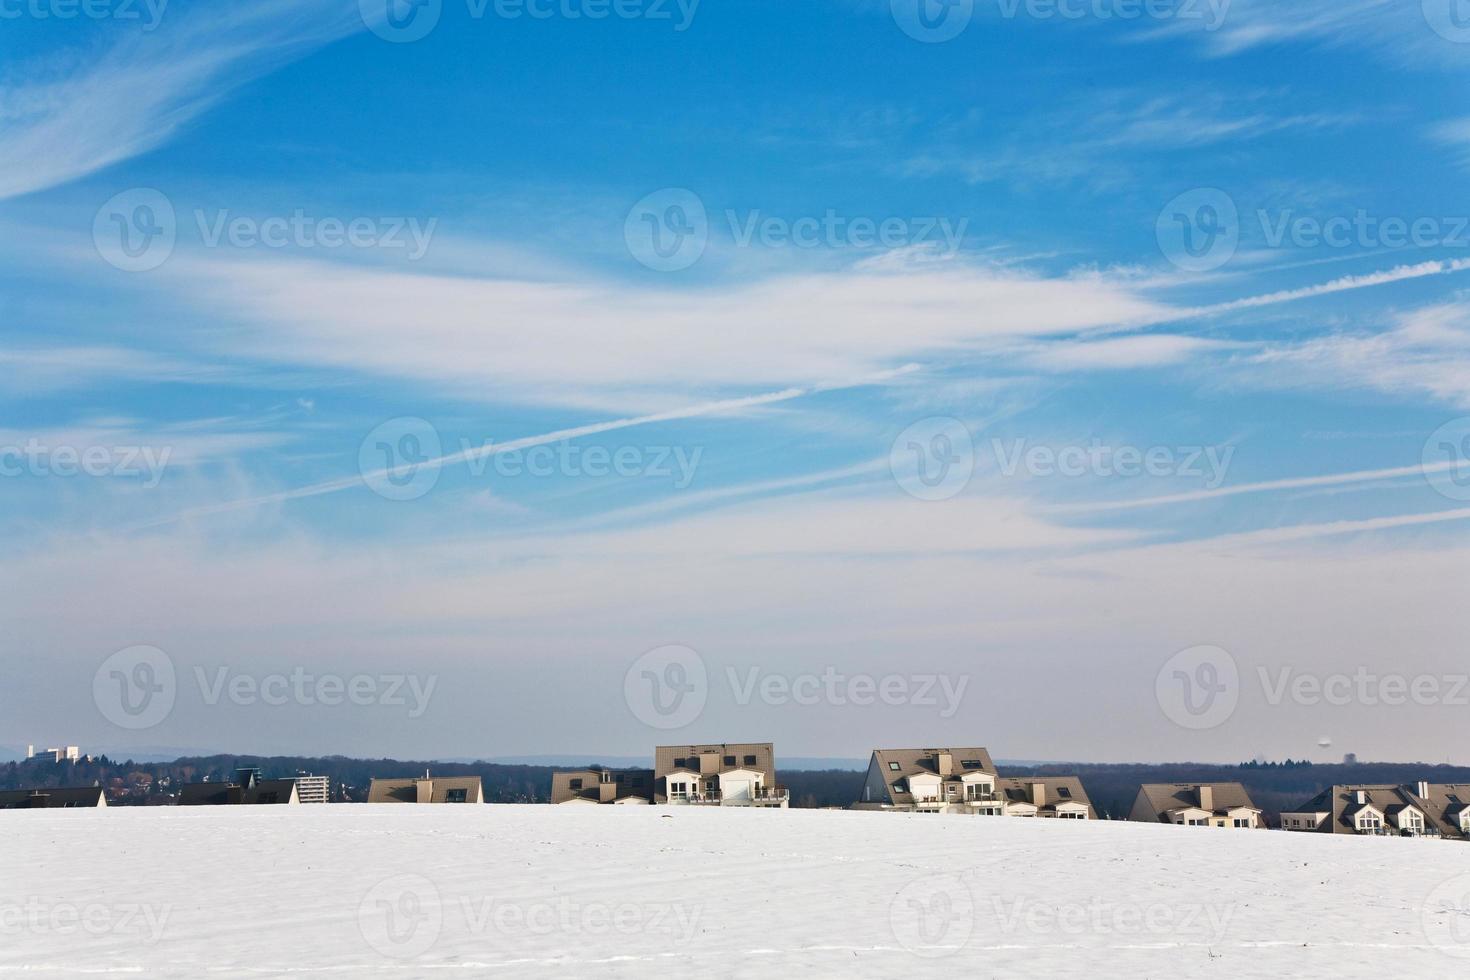 hermoso paisaje con torre de agua y zona de viviendas en invierno foto